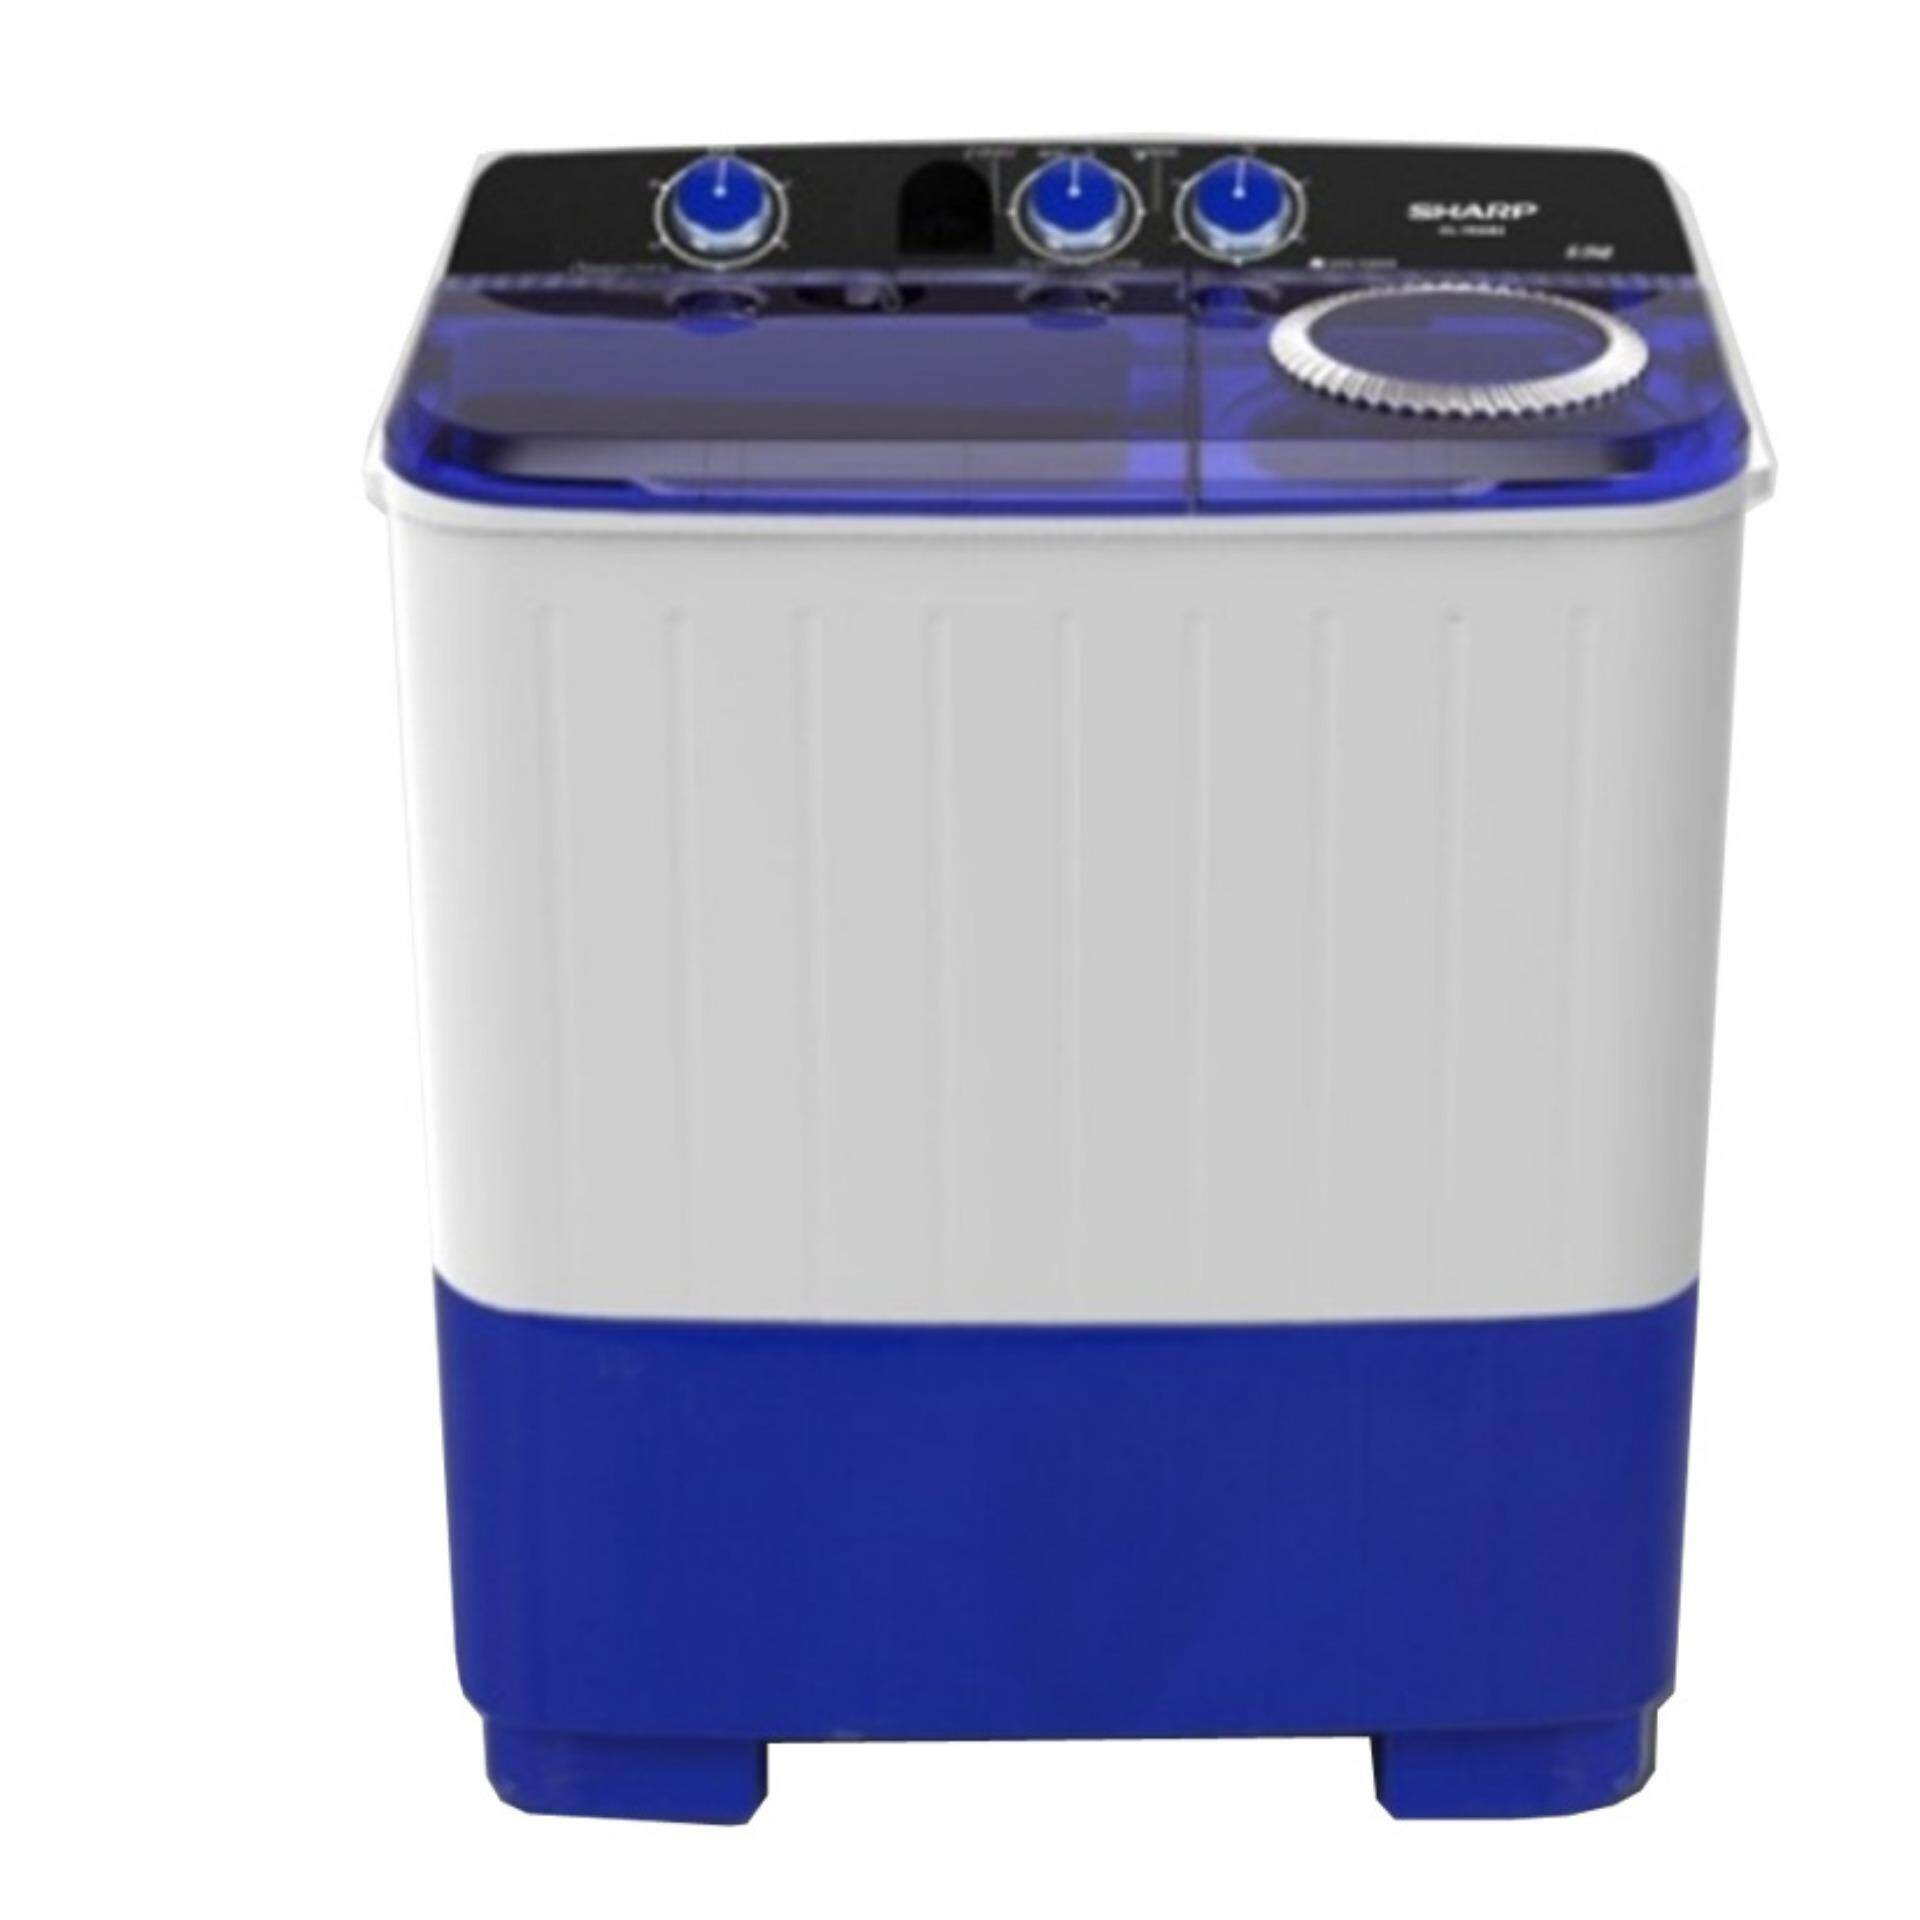 คูปองส่วนลดเมื่อซื้อ เครื่องซักผ้า Smart home ลด -60% SMARTHOME เครื่องซักผ้ามินิกึ่งอัตโนมัติ 4.0 Kg. รุ่น SM-MW2502 ขายถูกๆ ส่งฟรี